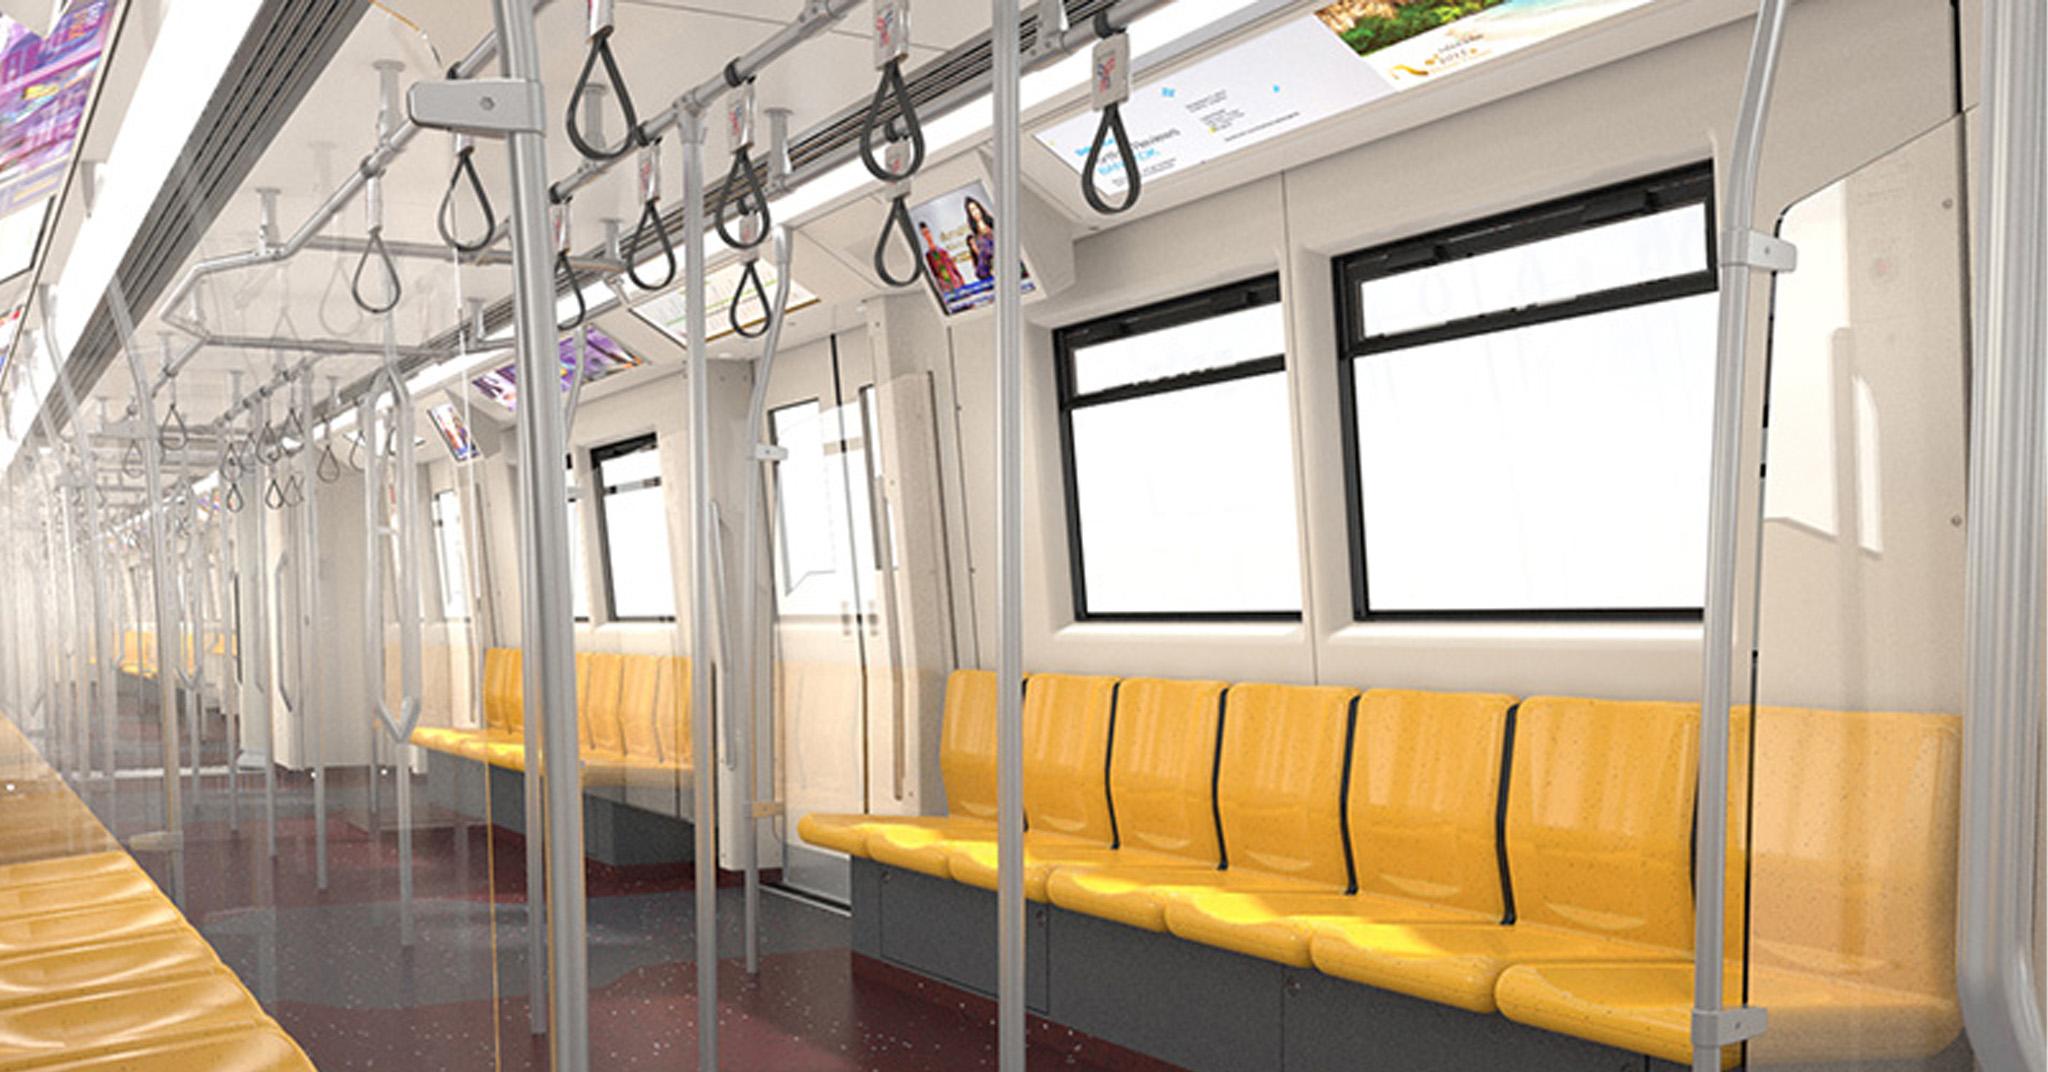 Bozankaya -  Bangkok Metro